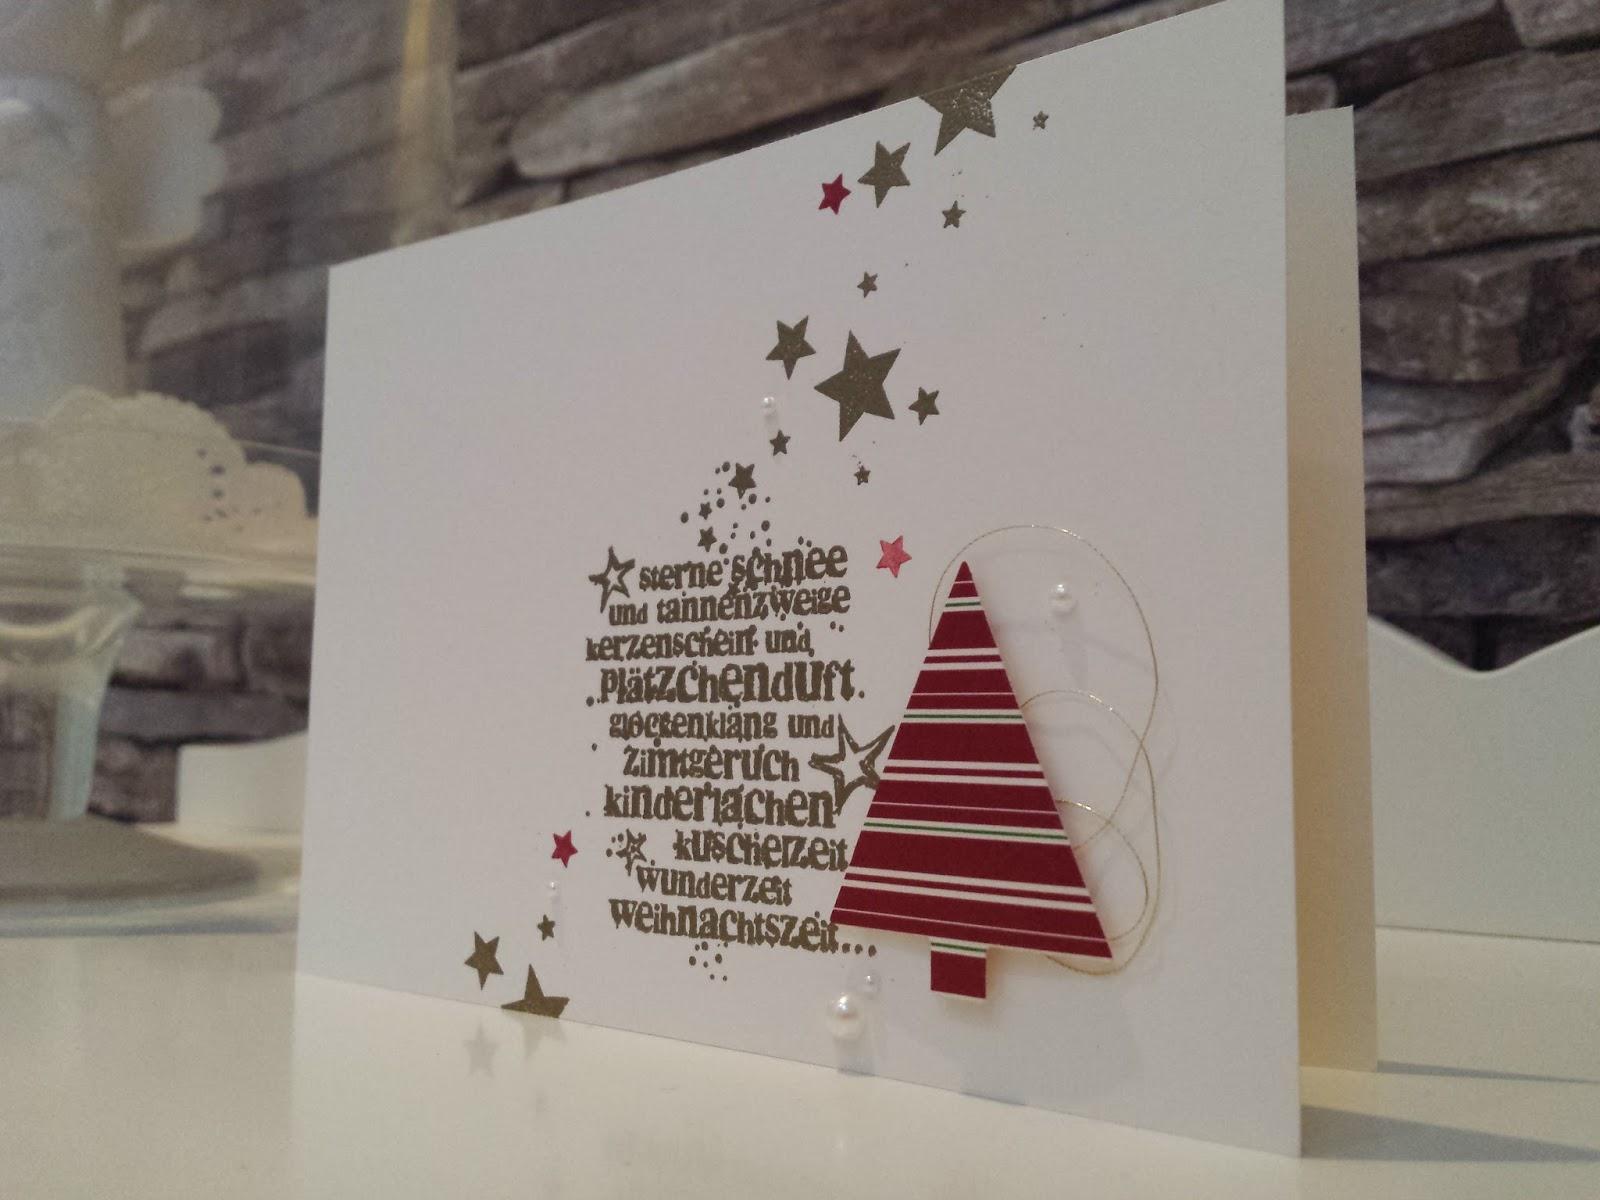 Kreativ zauberland weihnachtskarten part 2 for Weihnachtskarten kreativ